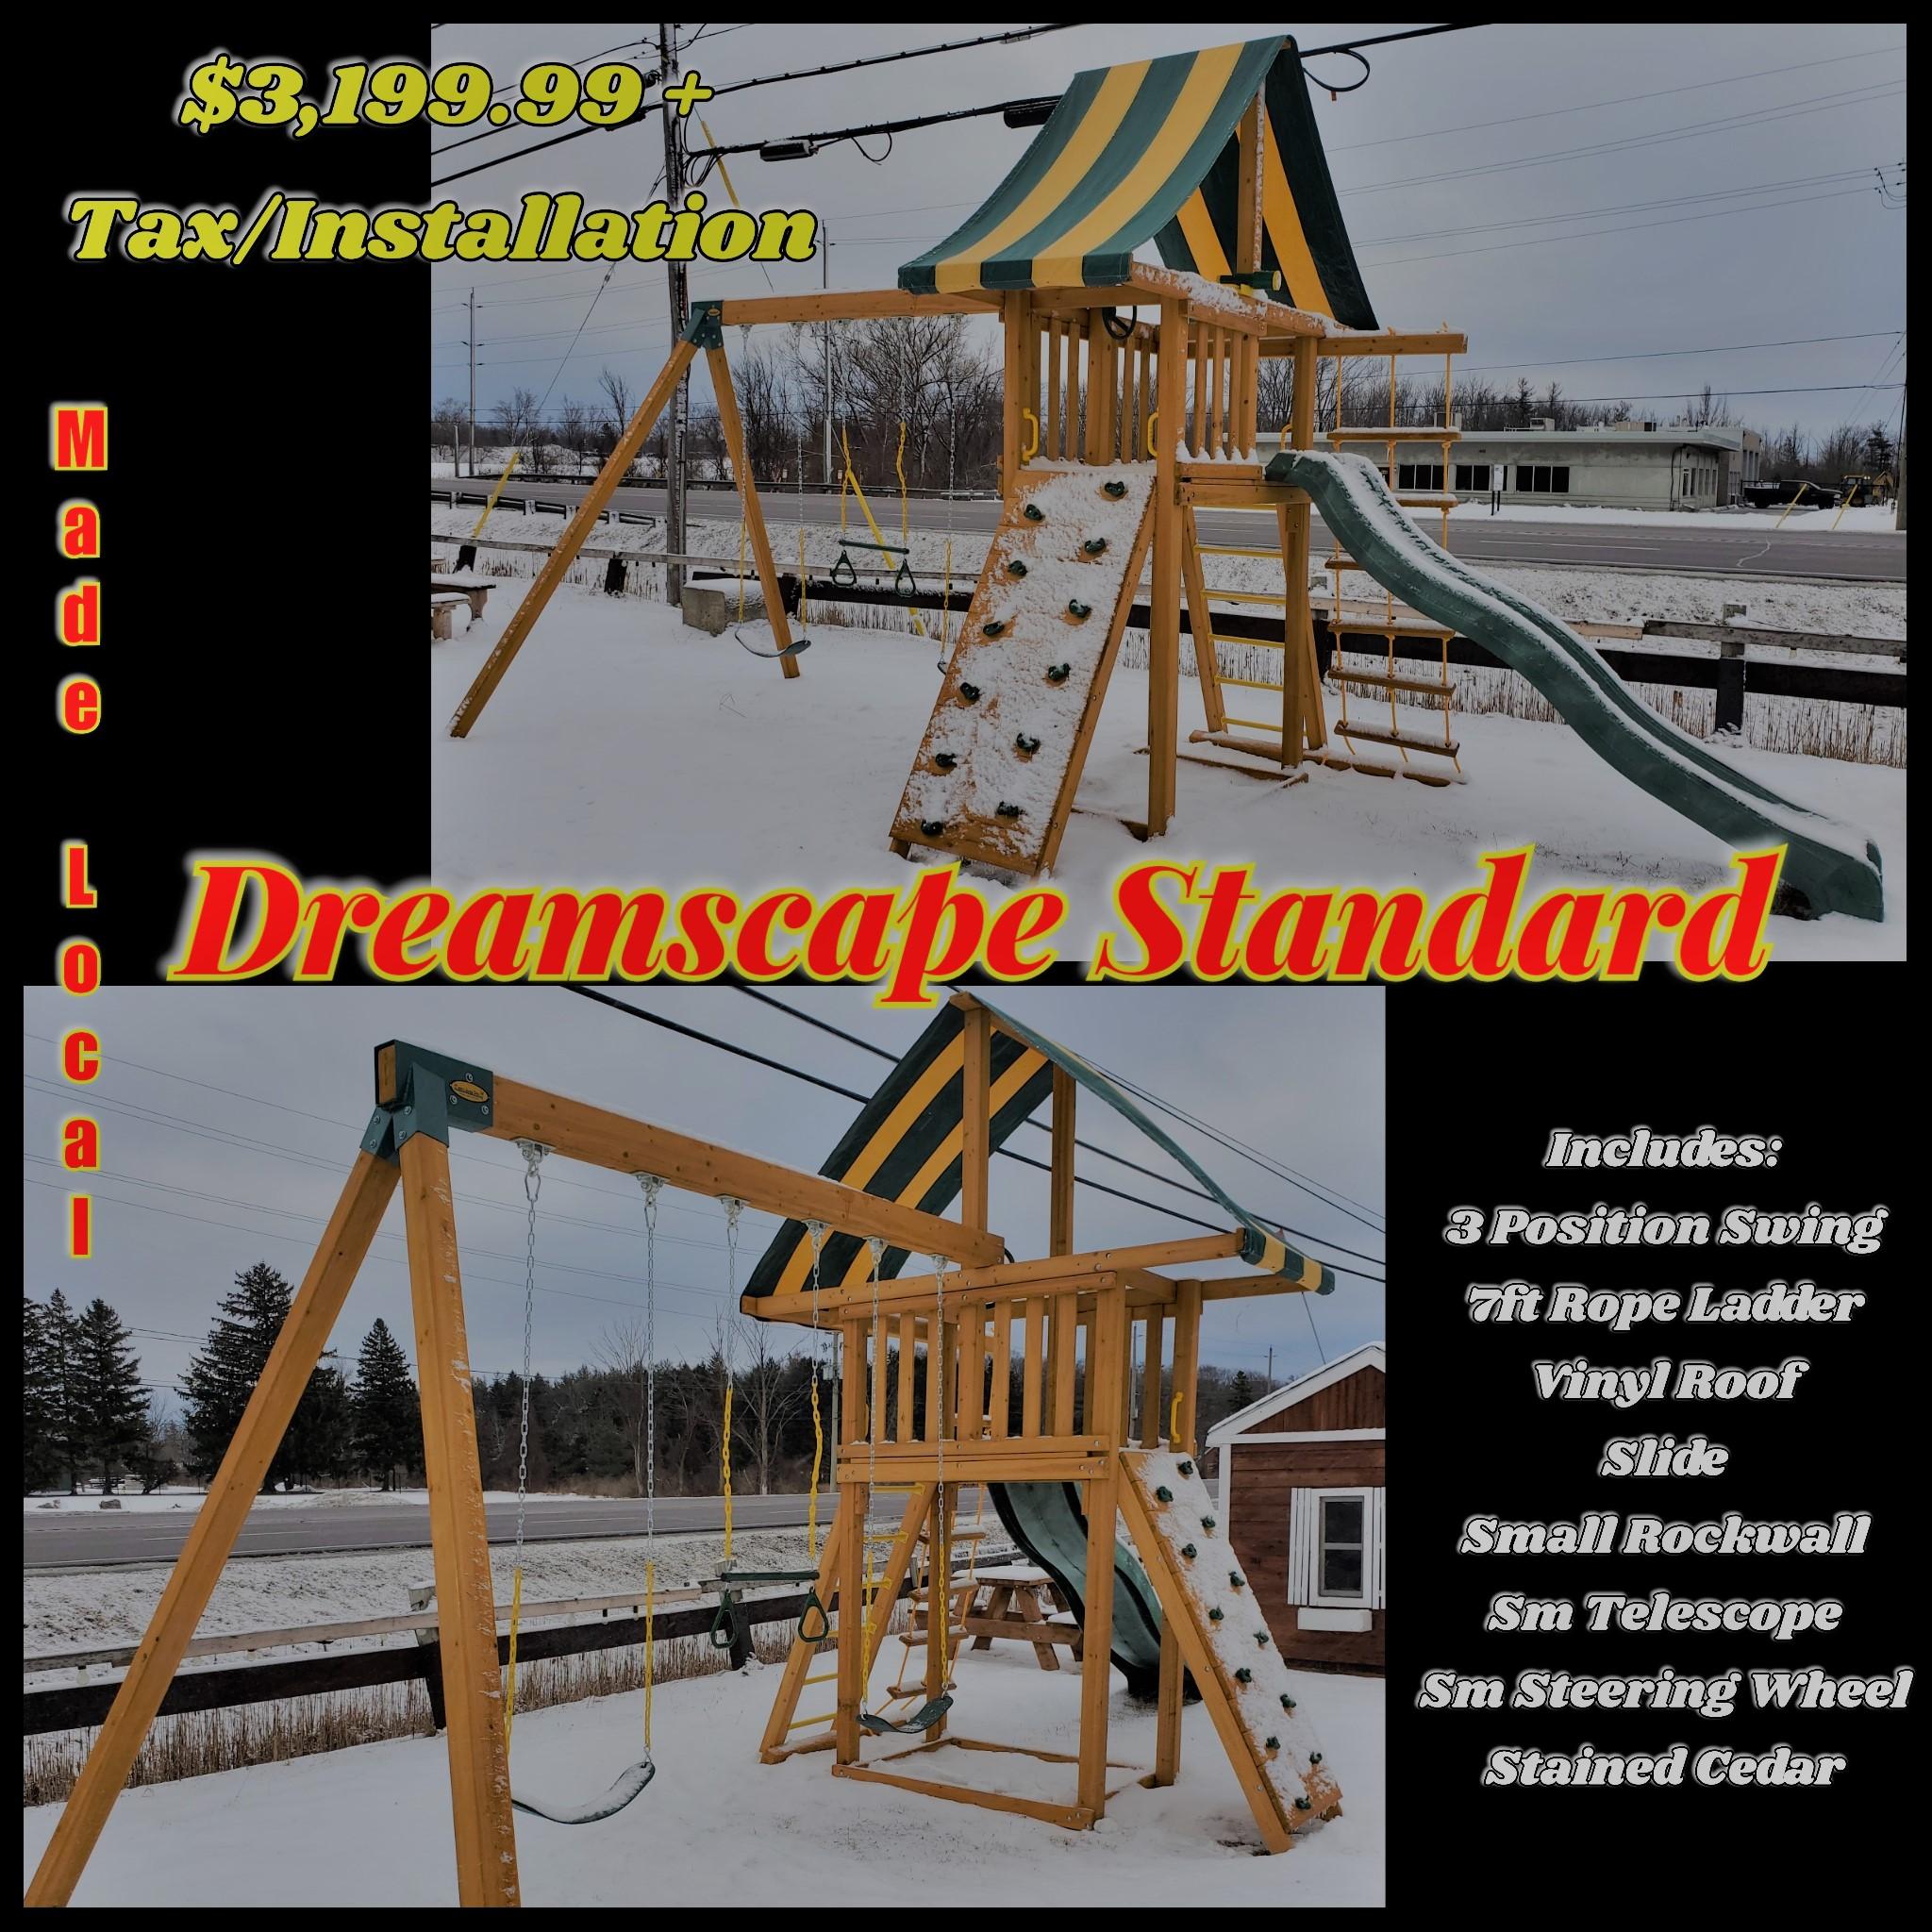 Dreamscape Standard